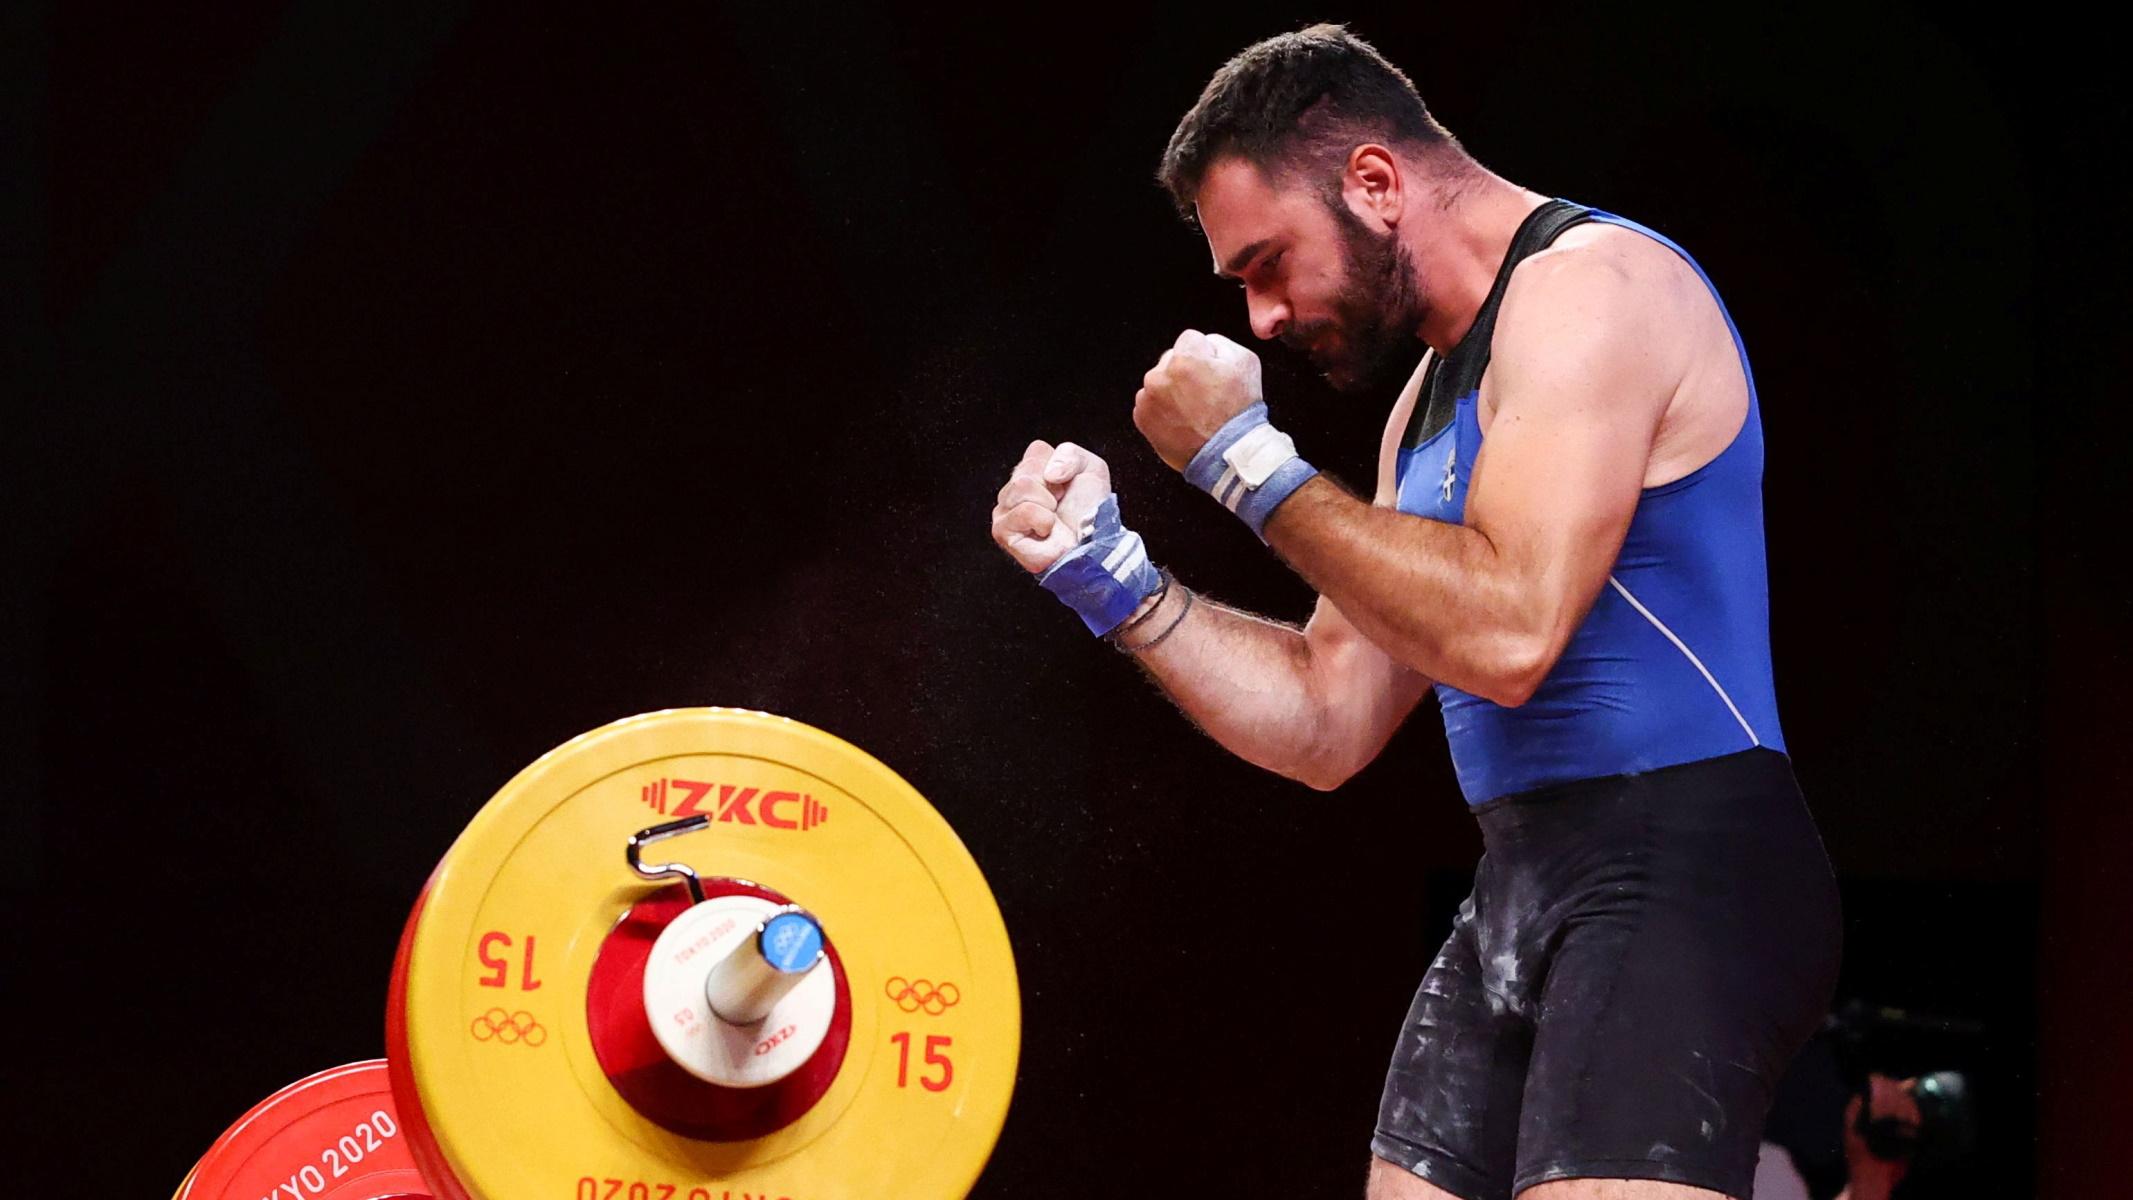 Ολυμπιακοί Αγώνες: Μεγάλο αγώνα ο Ιακωβίδης στην Άρση Βαρών – Φίλησε το πλατό στην τελευταία προσπάθεια